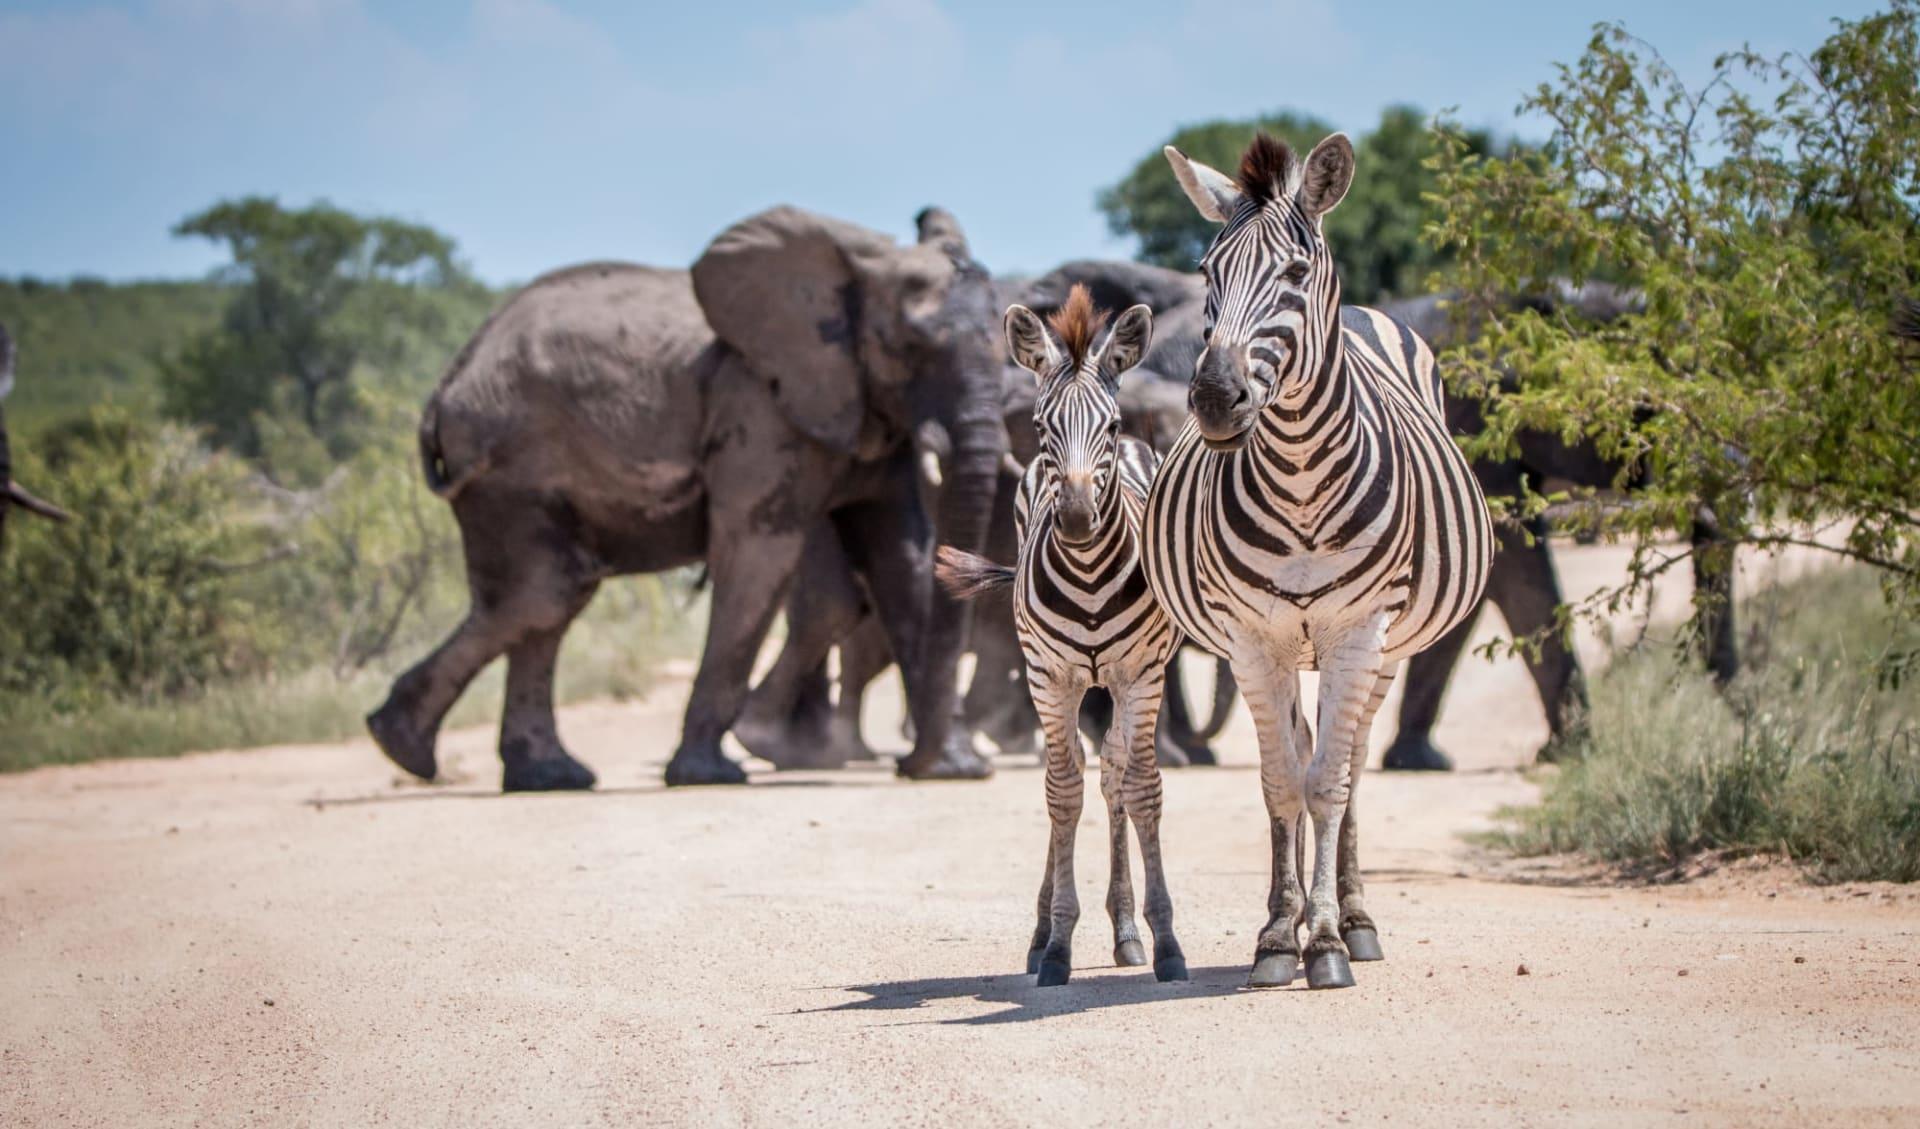 Krüger Nationalpark (Südafrika) & Mozambique ab Johannesburg: Südafrika - Krüger Nationalpark - Tiere auf der Strasse